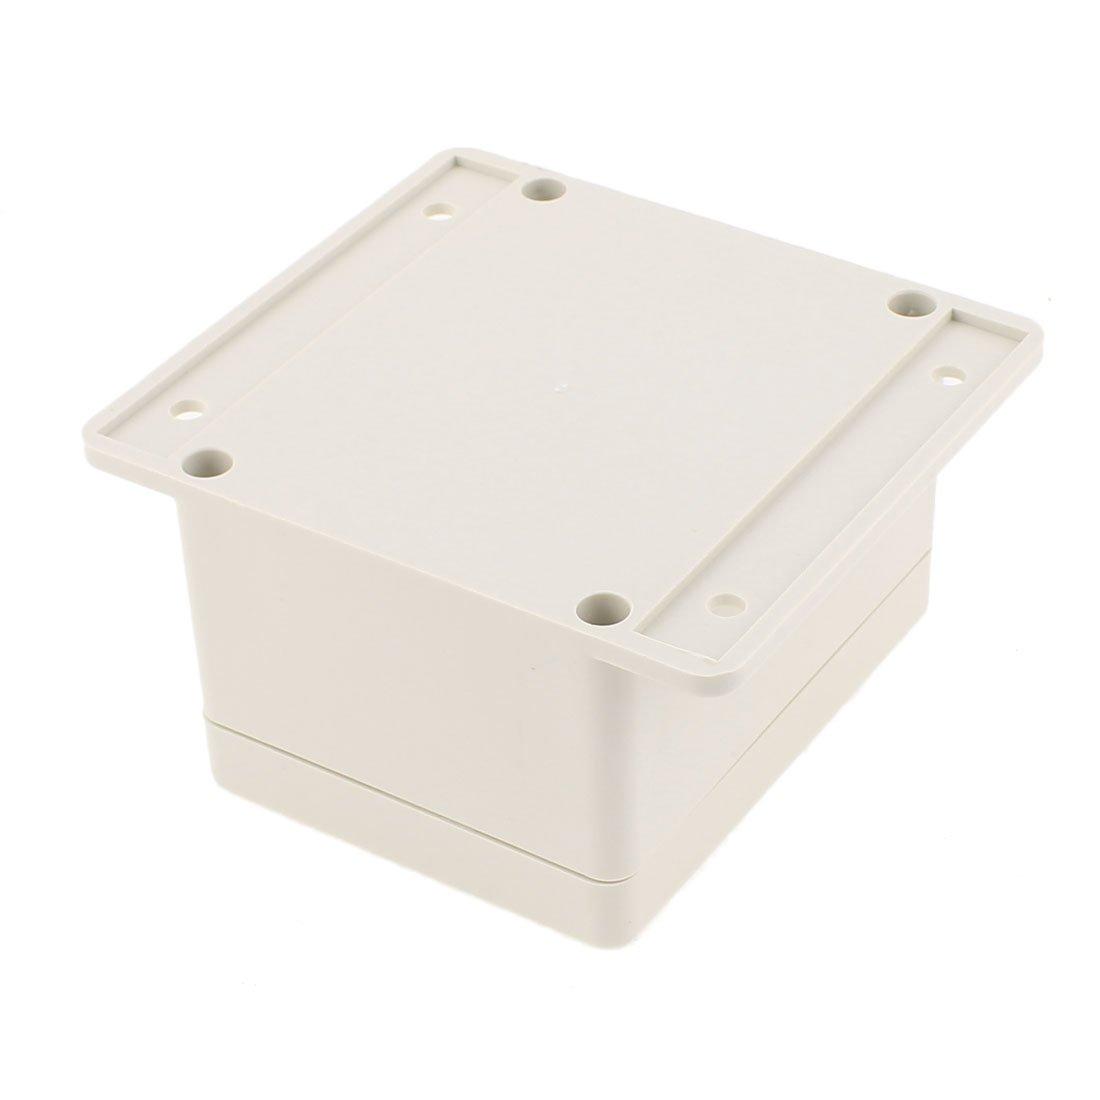 sourcingmap Bricolaje Caja de Conexiones Terminal de Pl/ástico Sellada Antipolvo IP65 130mm x 90mm x 68mm